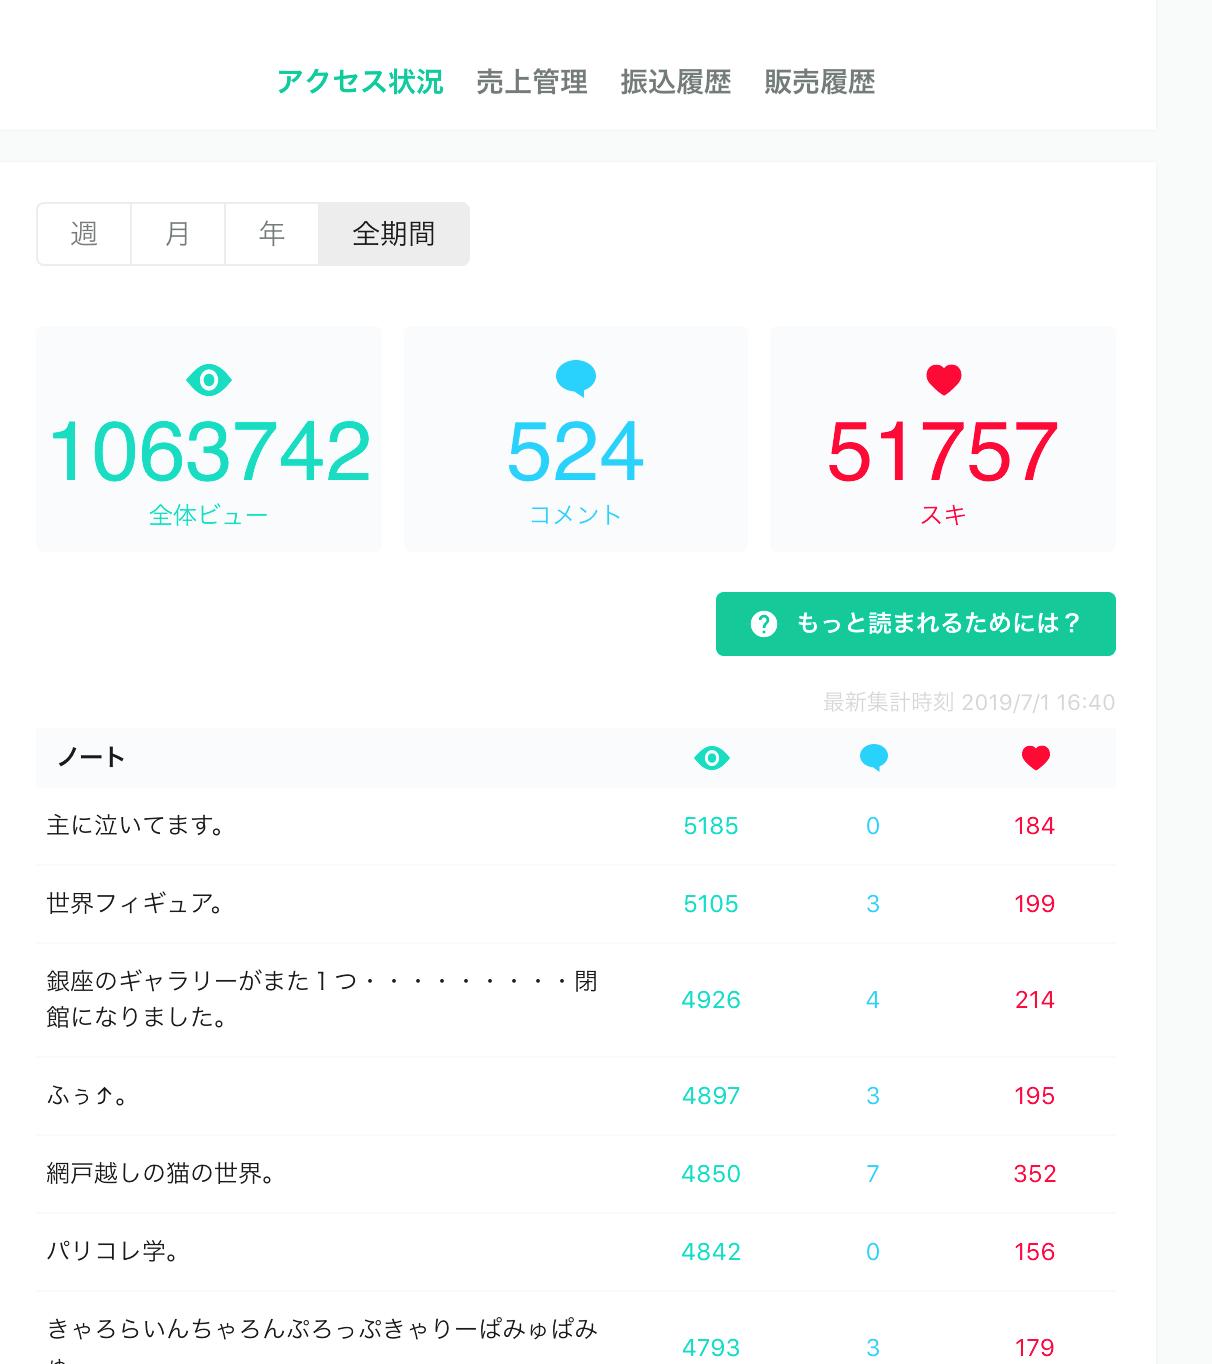 スクリーンショット_2019-07-01_19.30.44